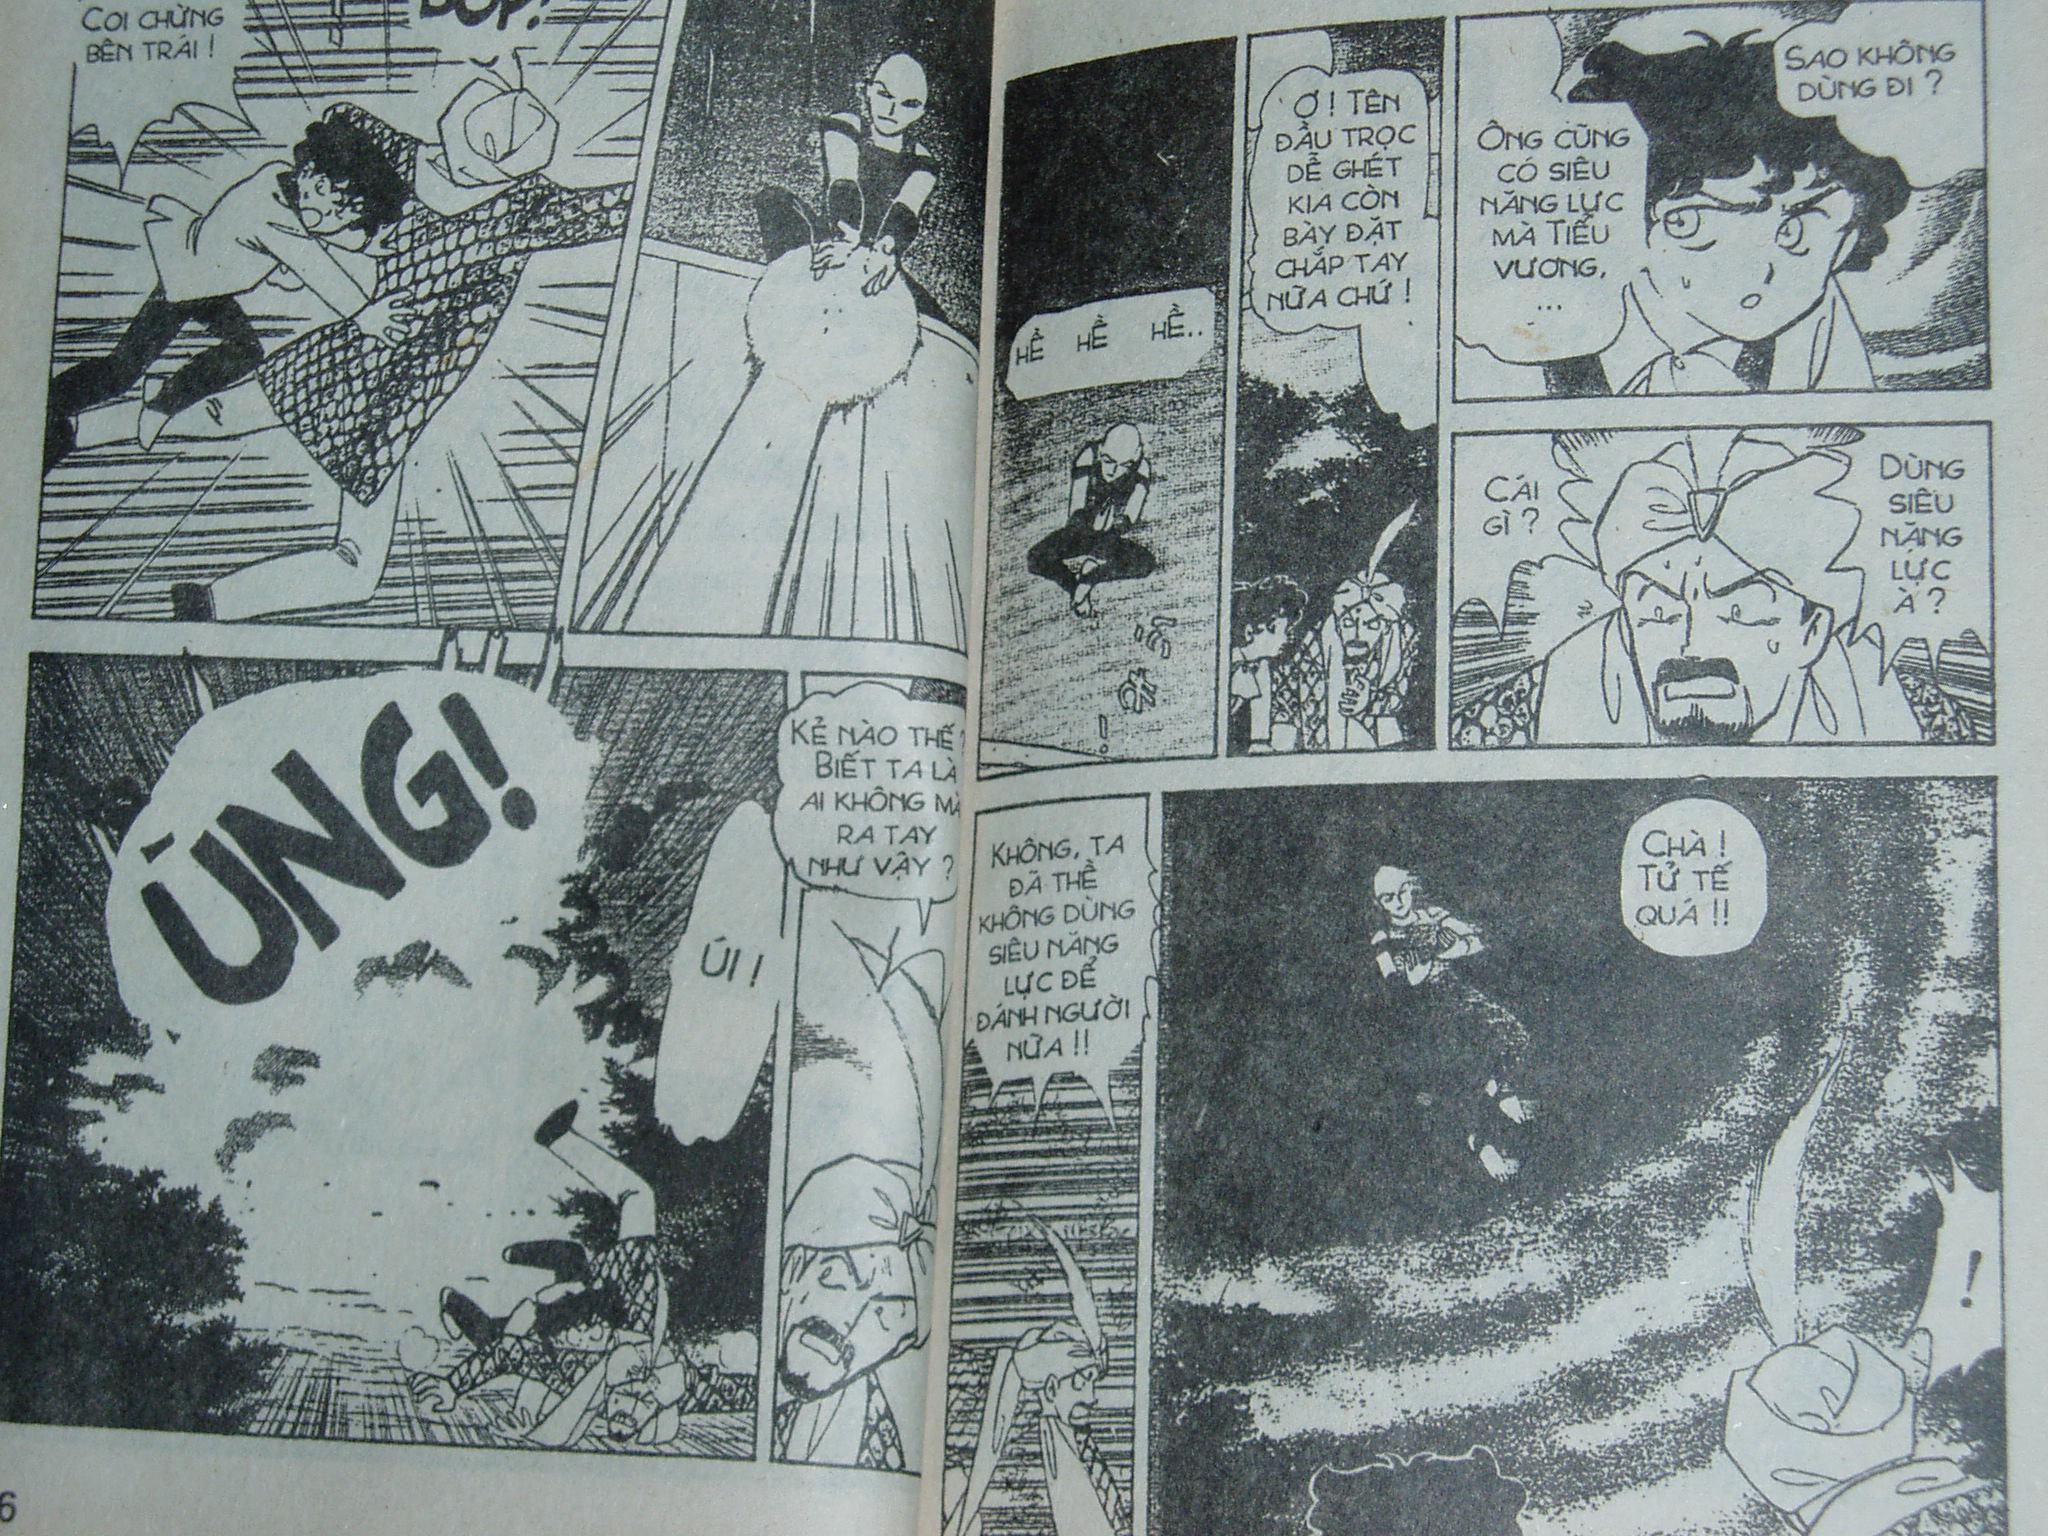 Siêu nhân Locke vol 14 trang 28